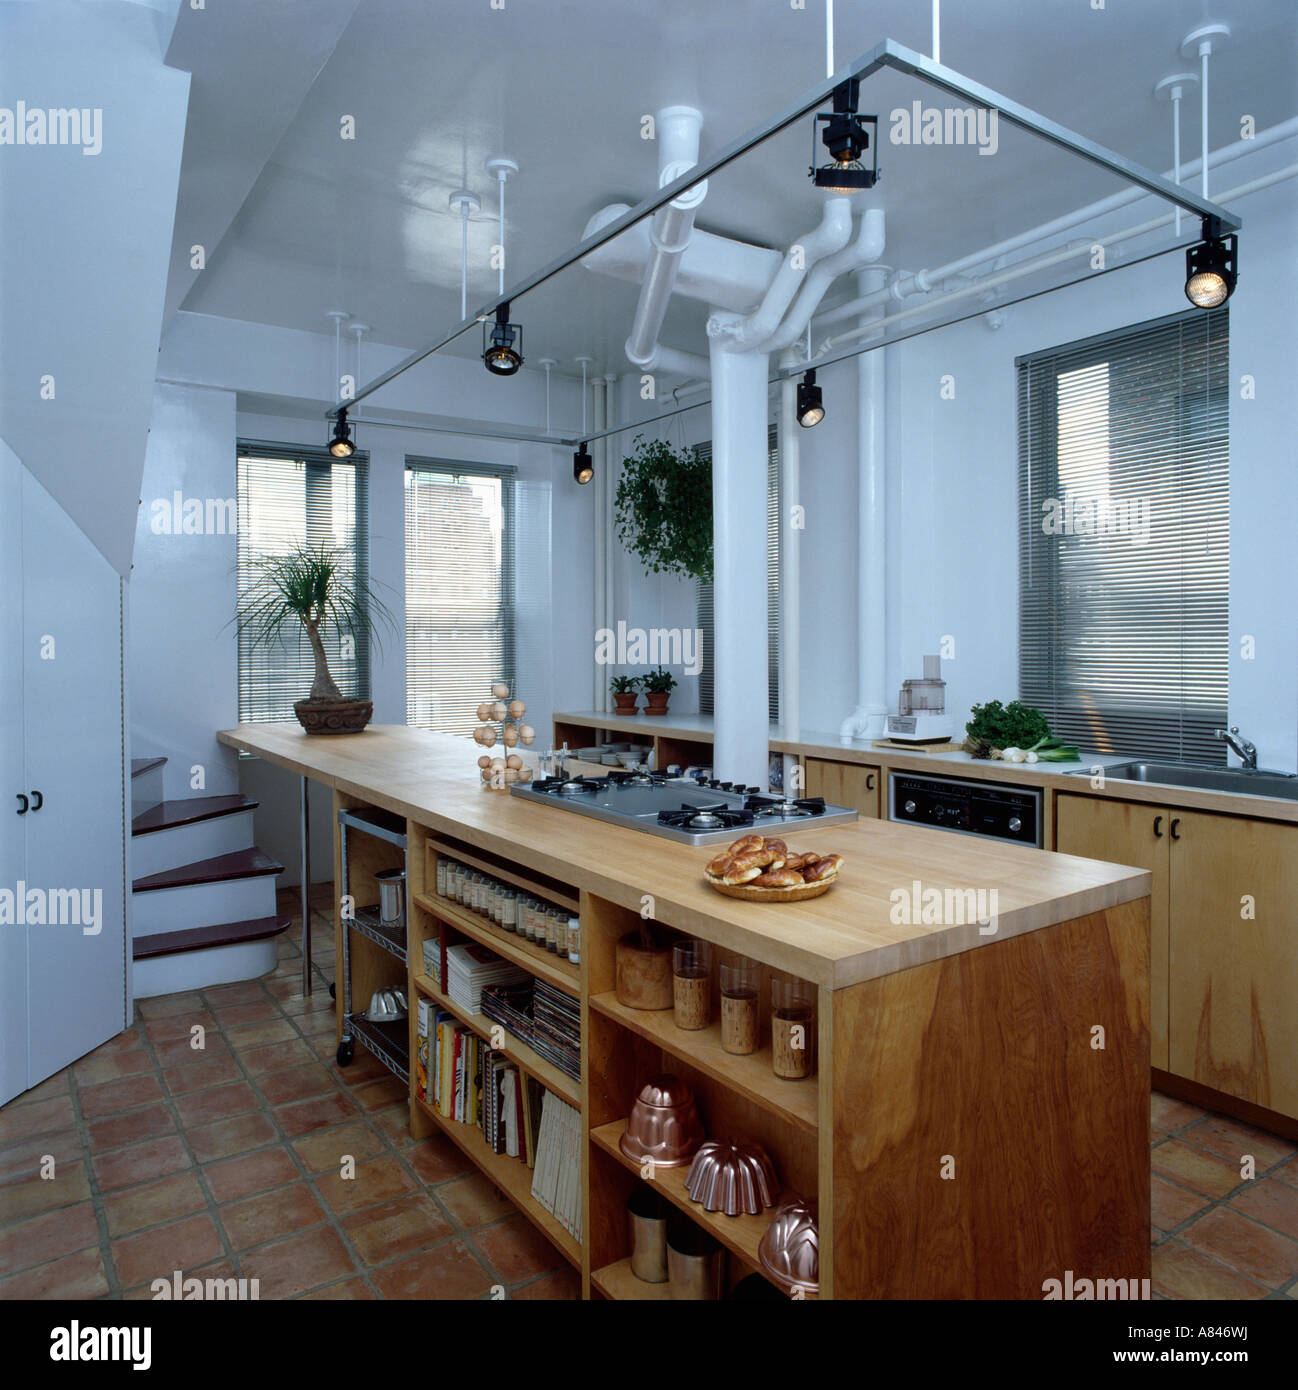 Ausgezeichnet Französisch Kücheninsel Fotos - Ideen Für Die Küche ...